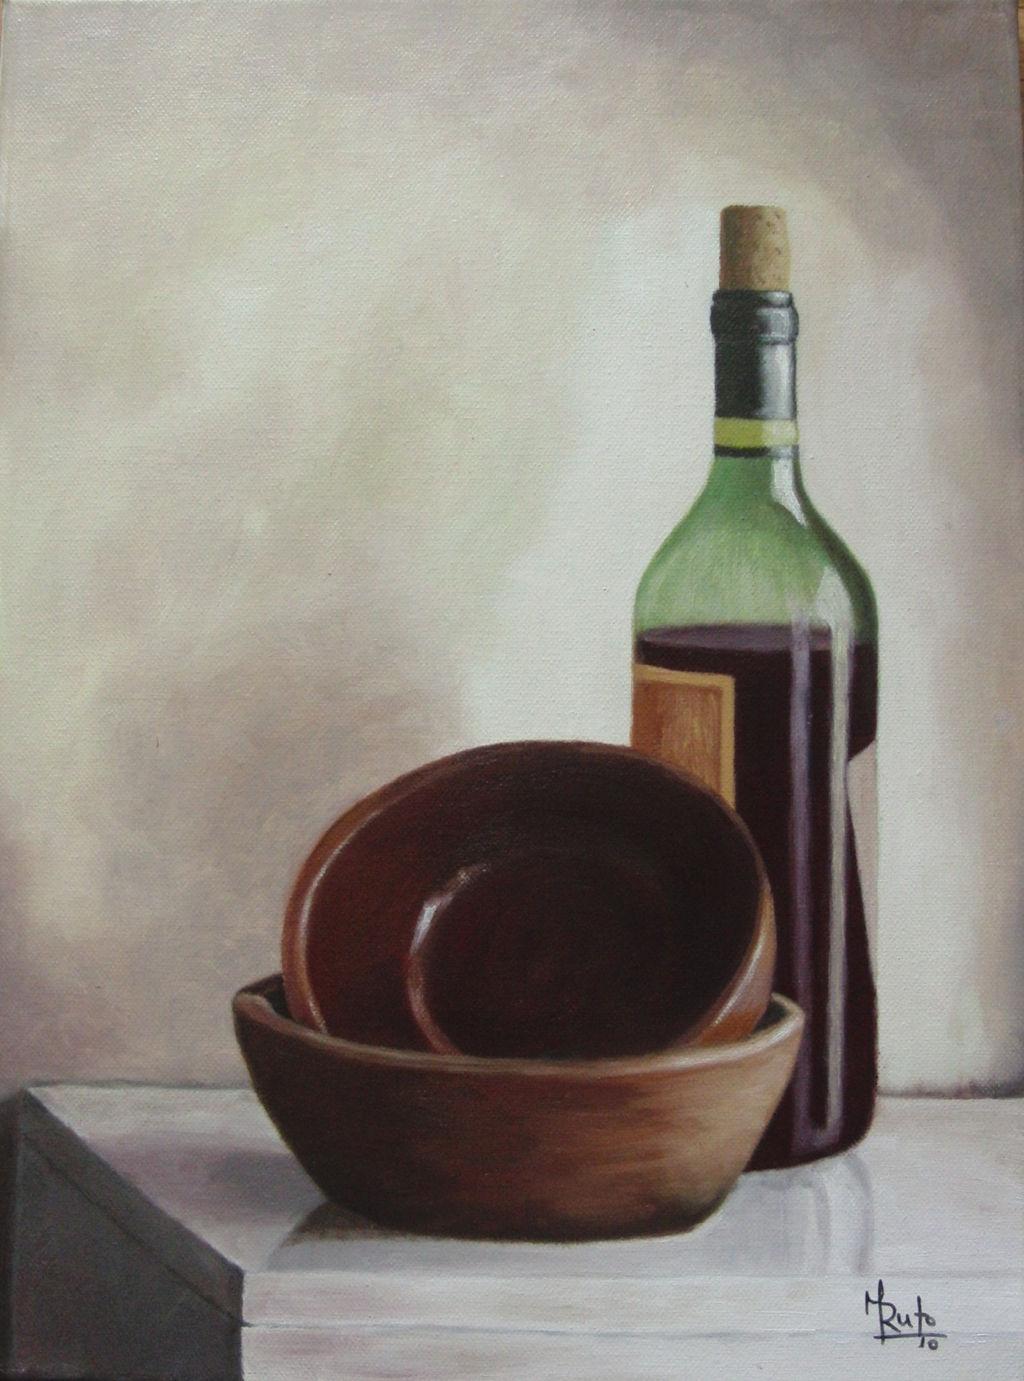 Botella de vino y cuencos